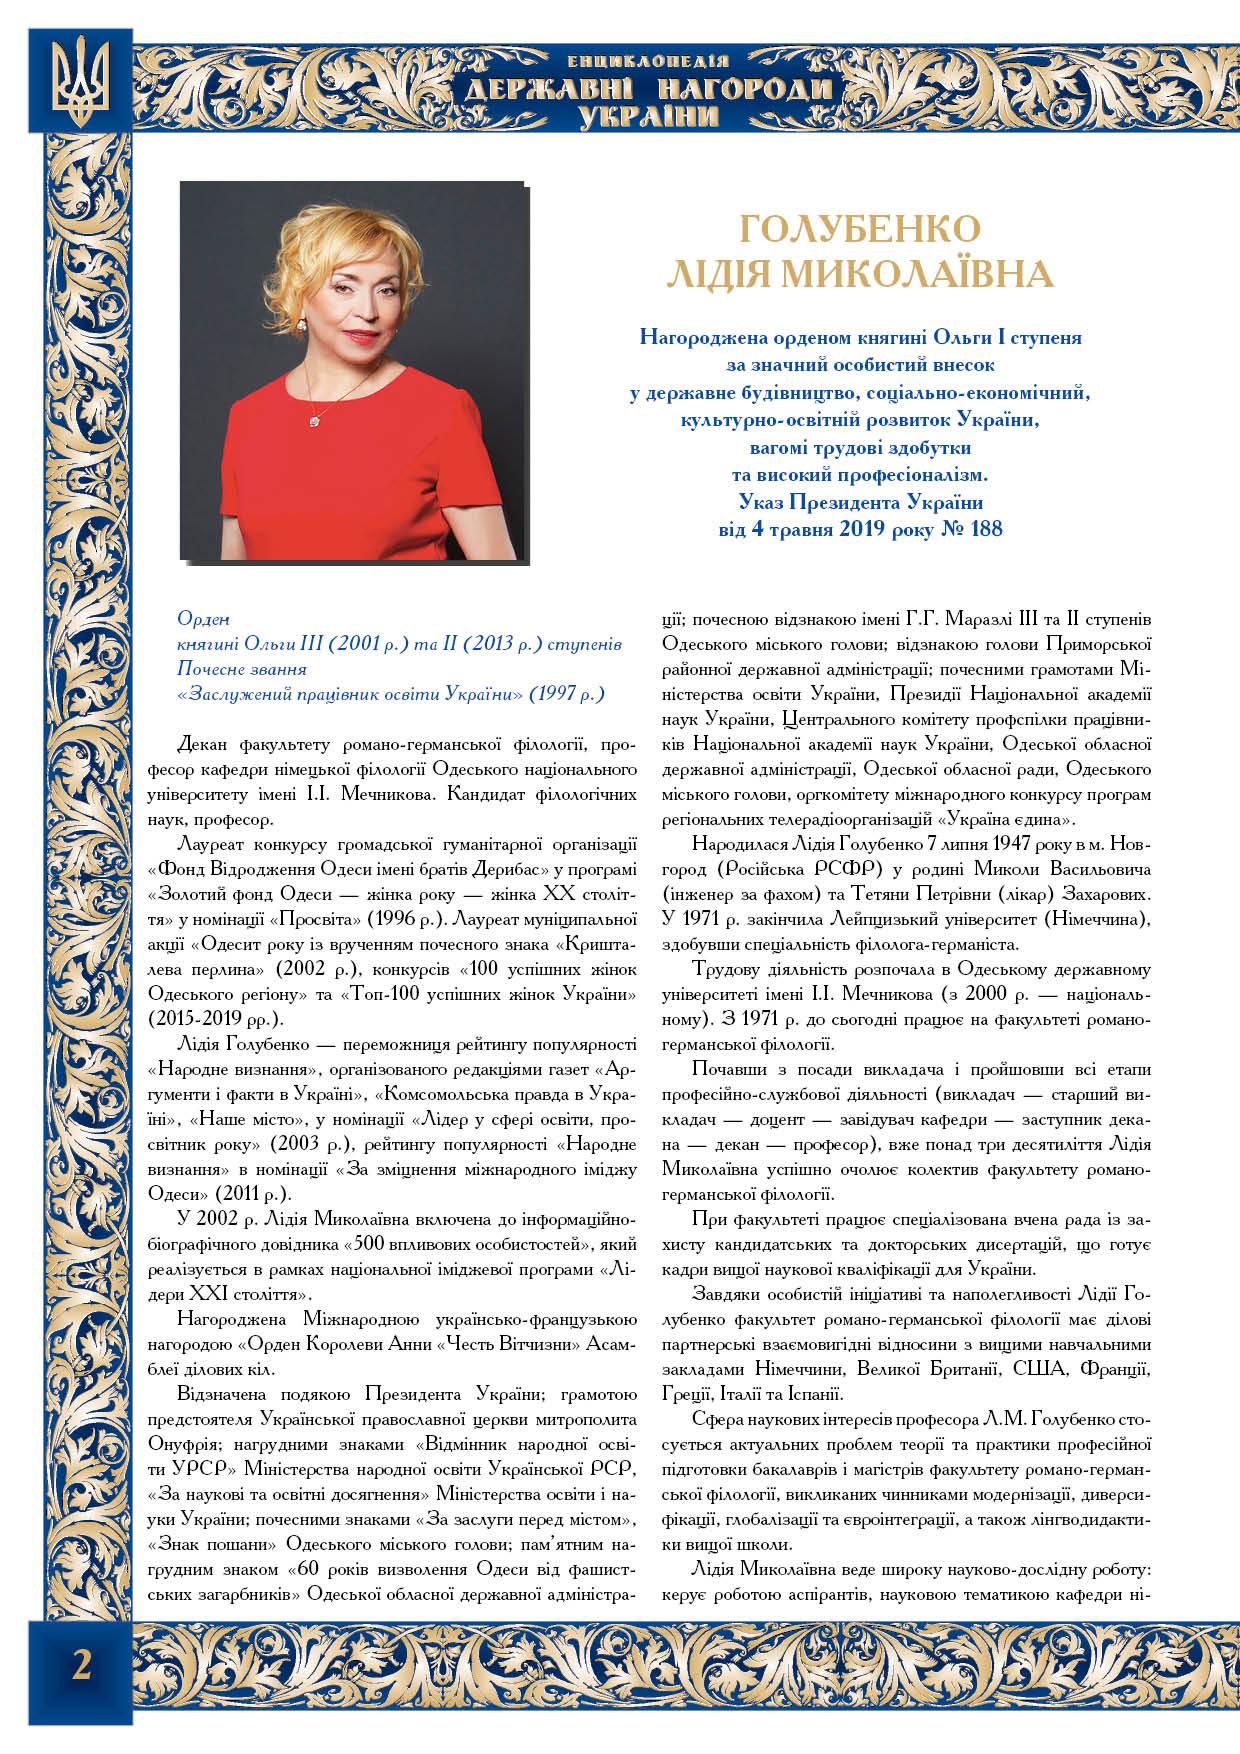 Голубенко Лідія Миколаївна